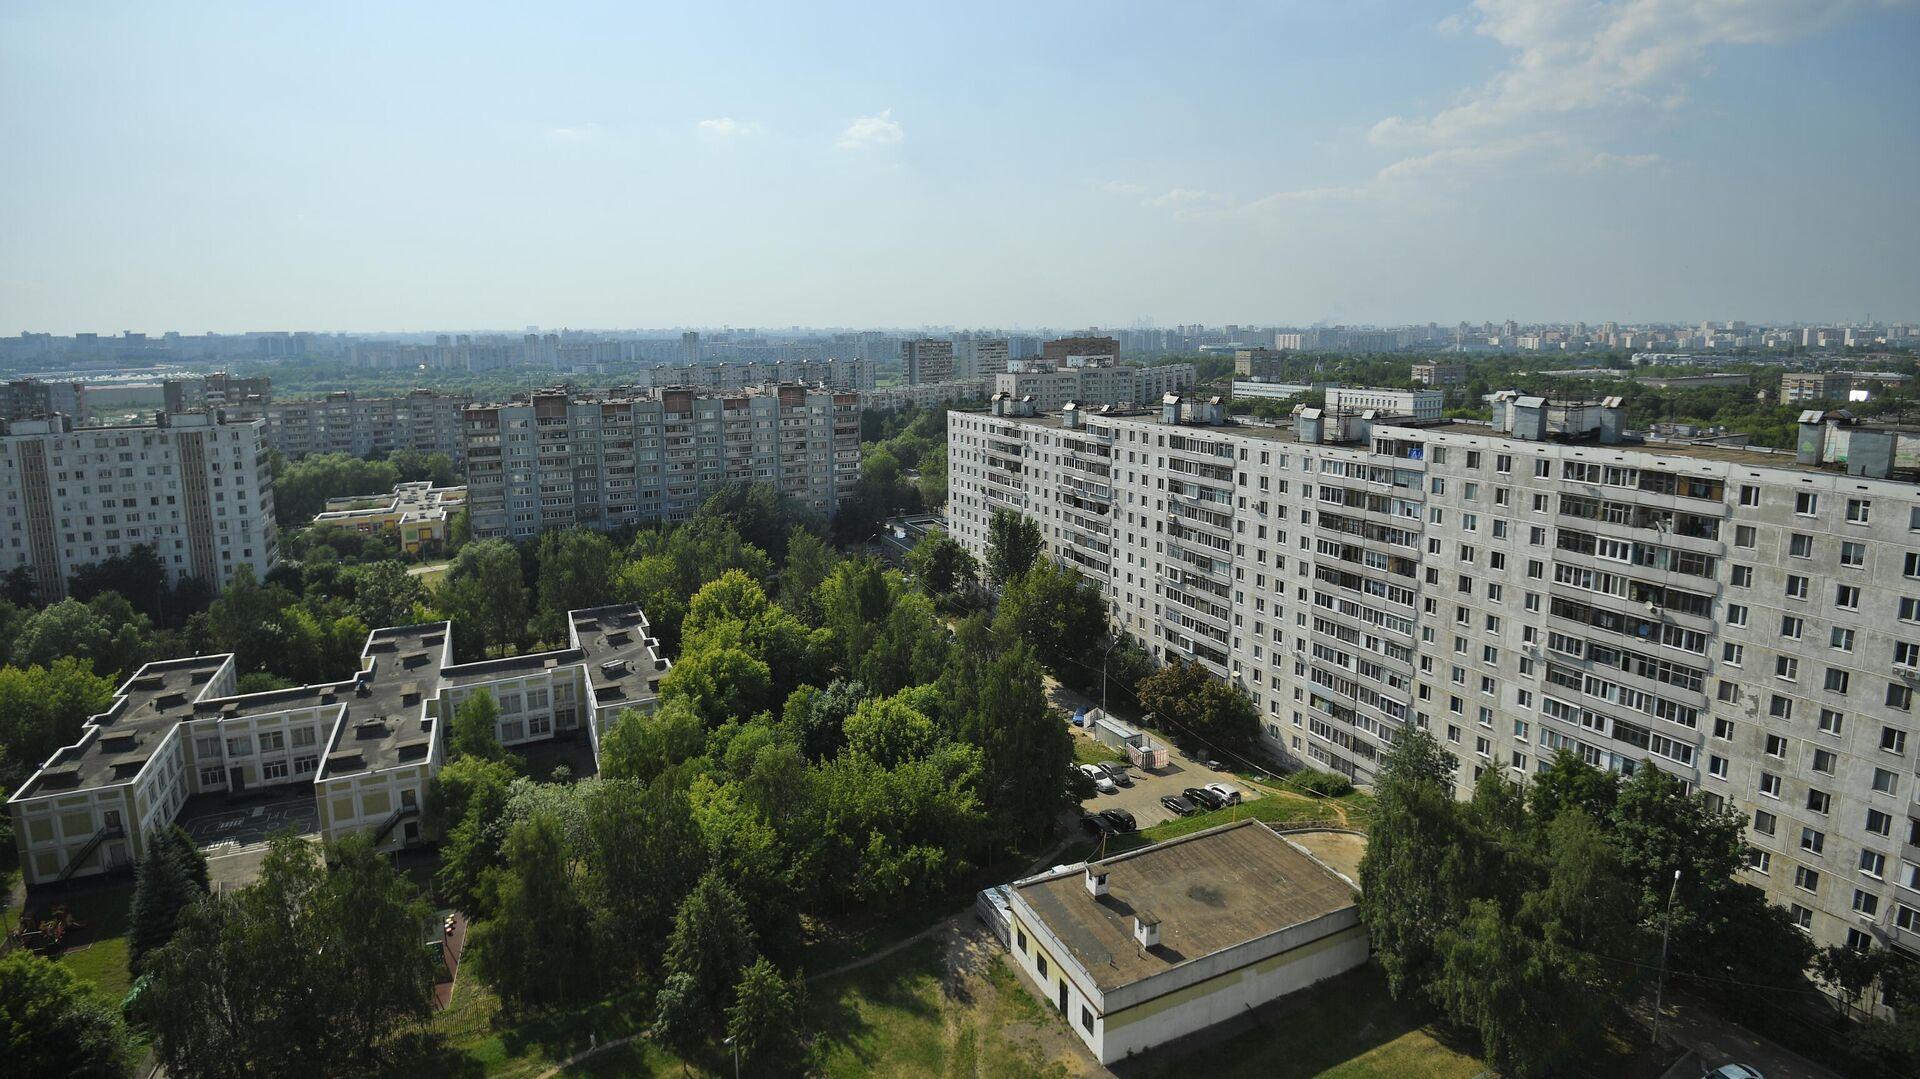 Жилые дома в московском районе Капотня - РИА Новости, 1920, 10.05.2021